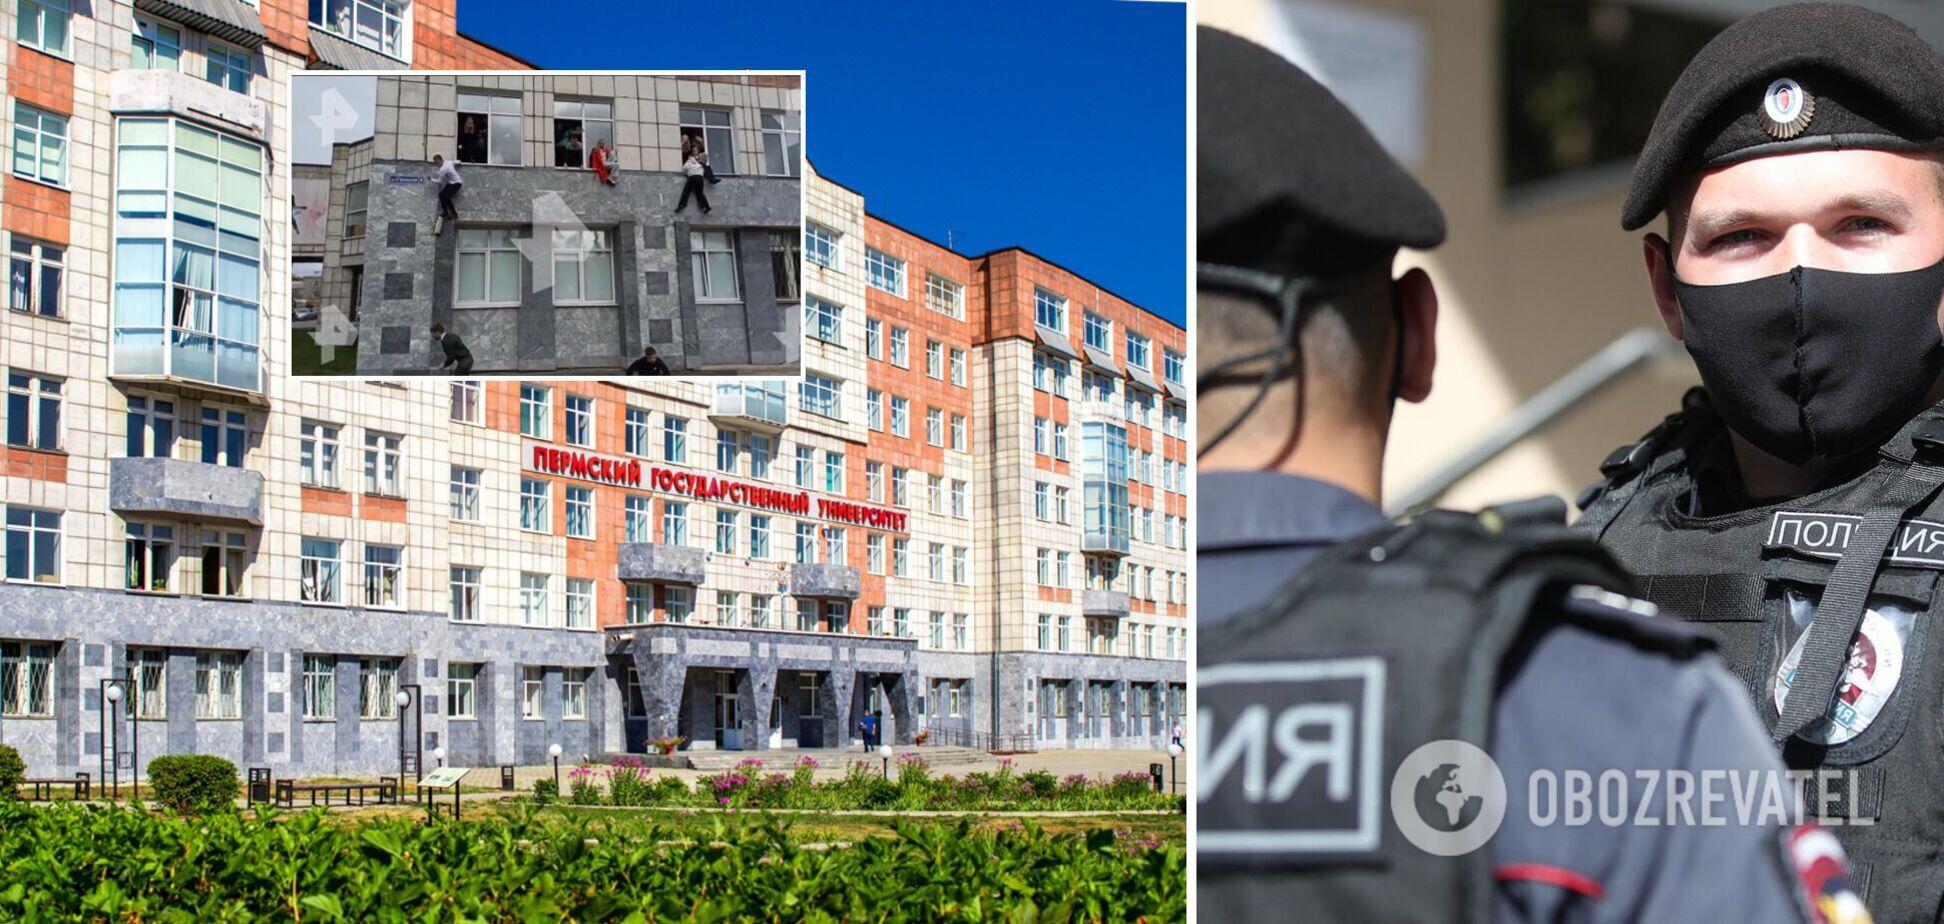 В России произошла стрельба в университете, погибли 8 человек, много пострадавших. Фото и видео